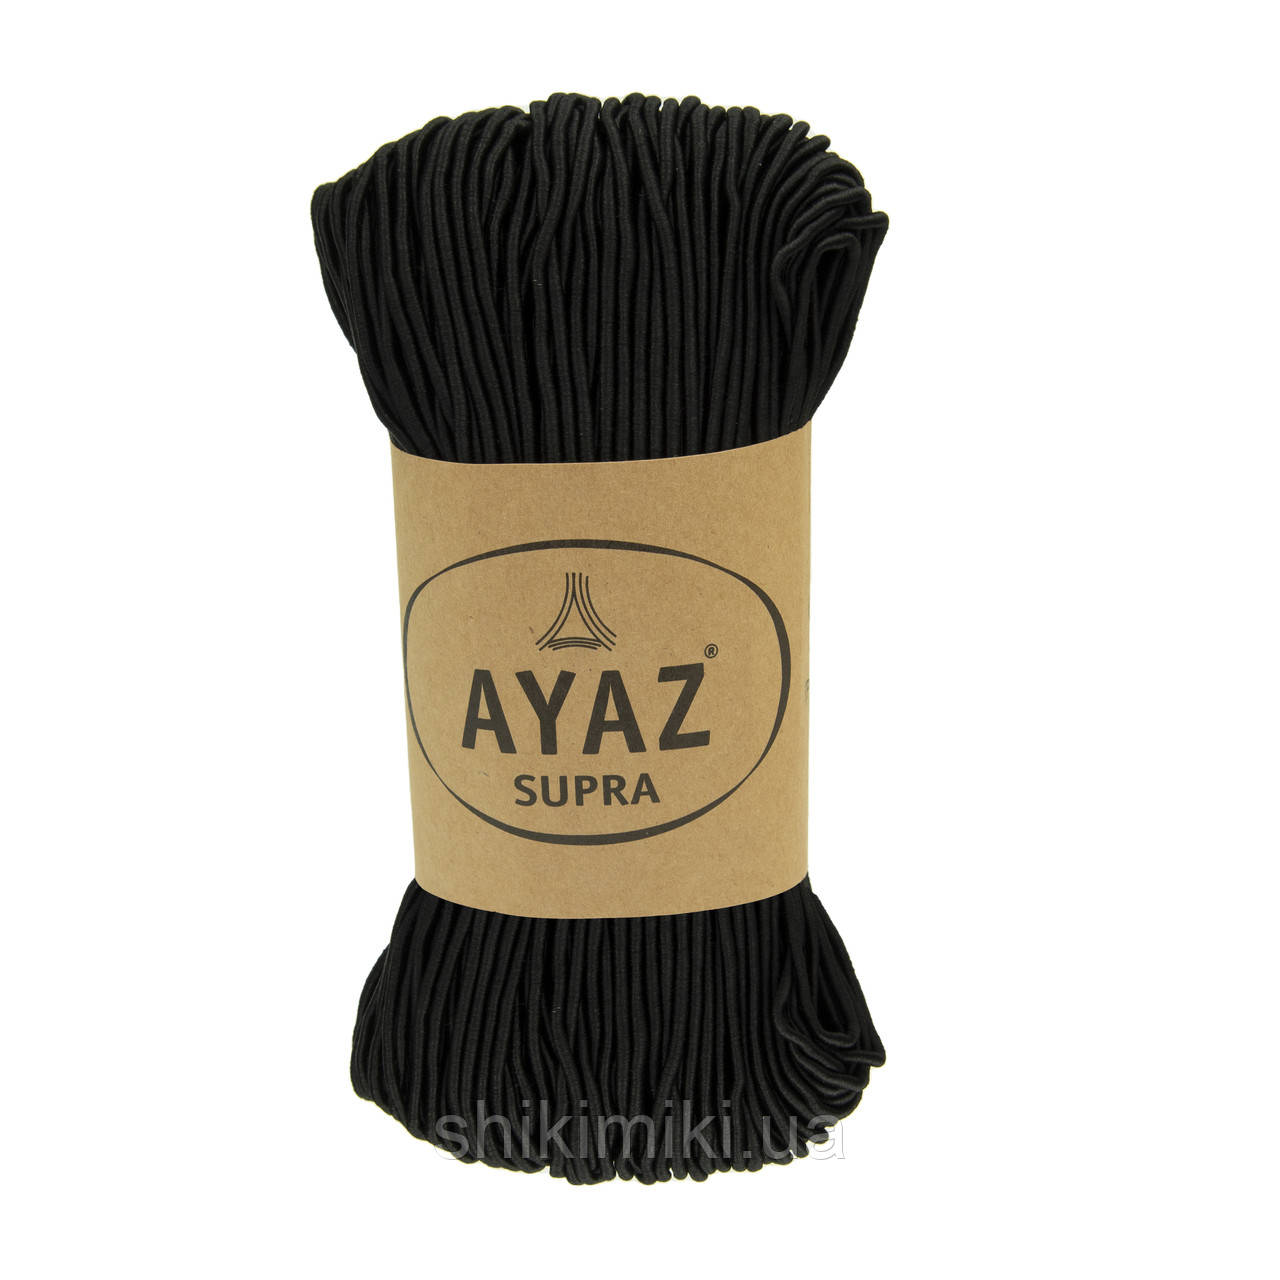 Фантазийный шнур Ayaz SUPRA, цвет Черный